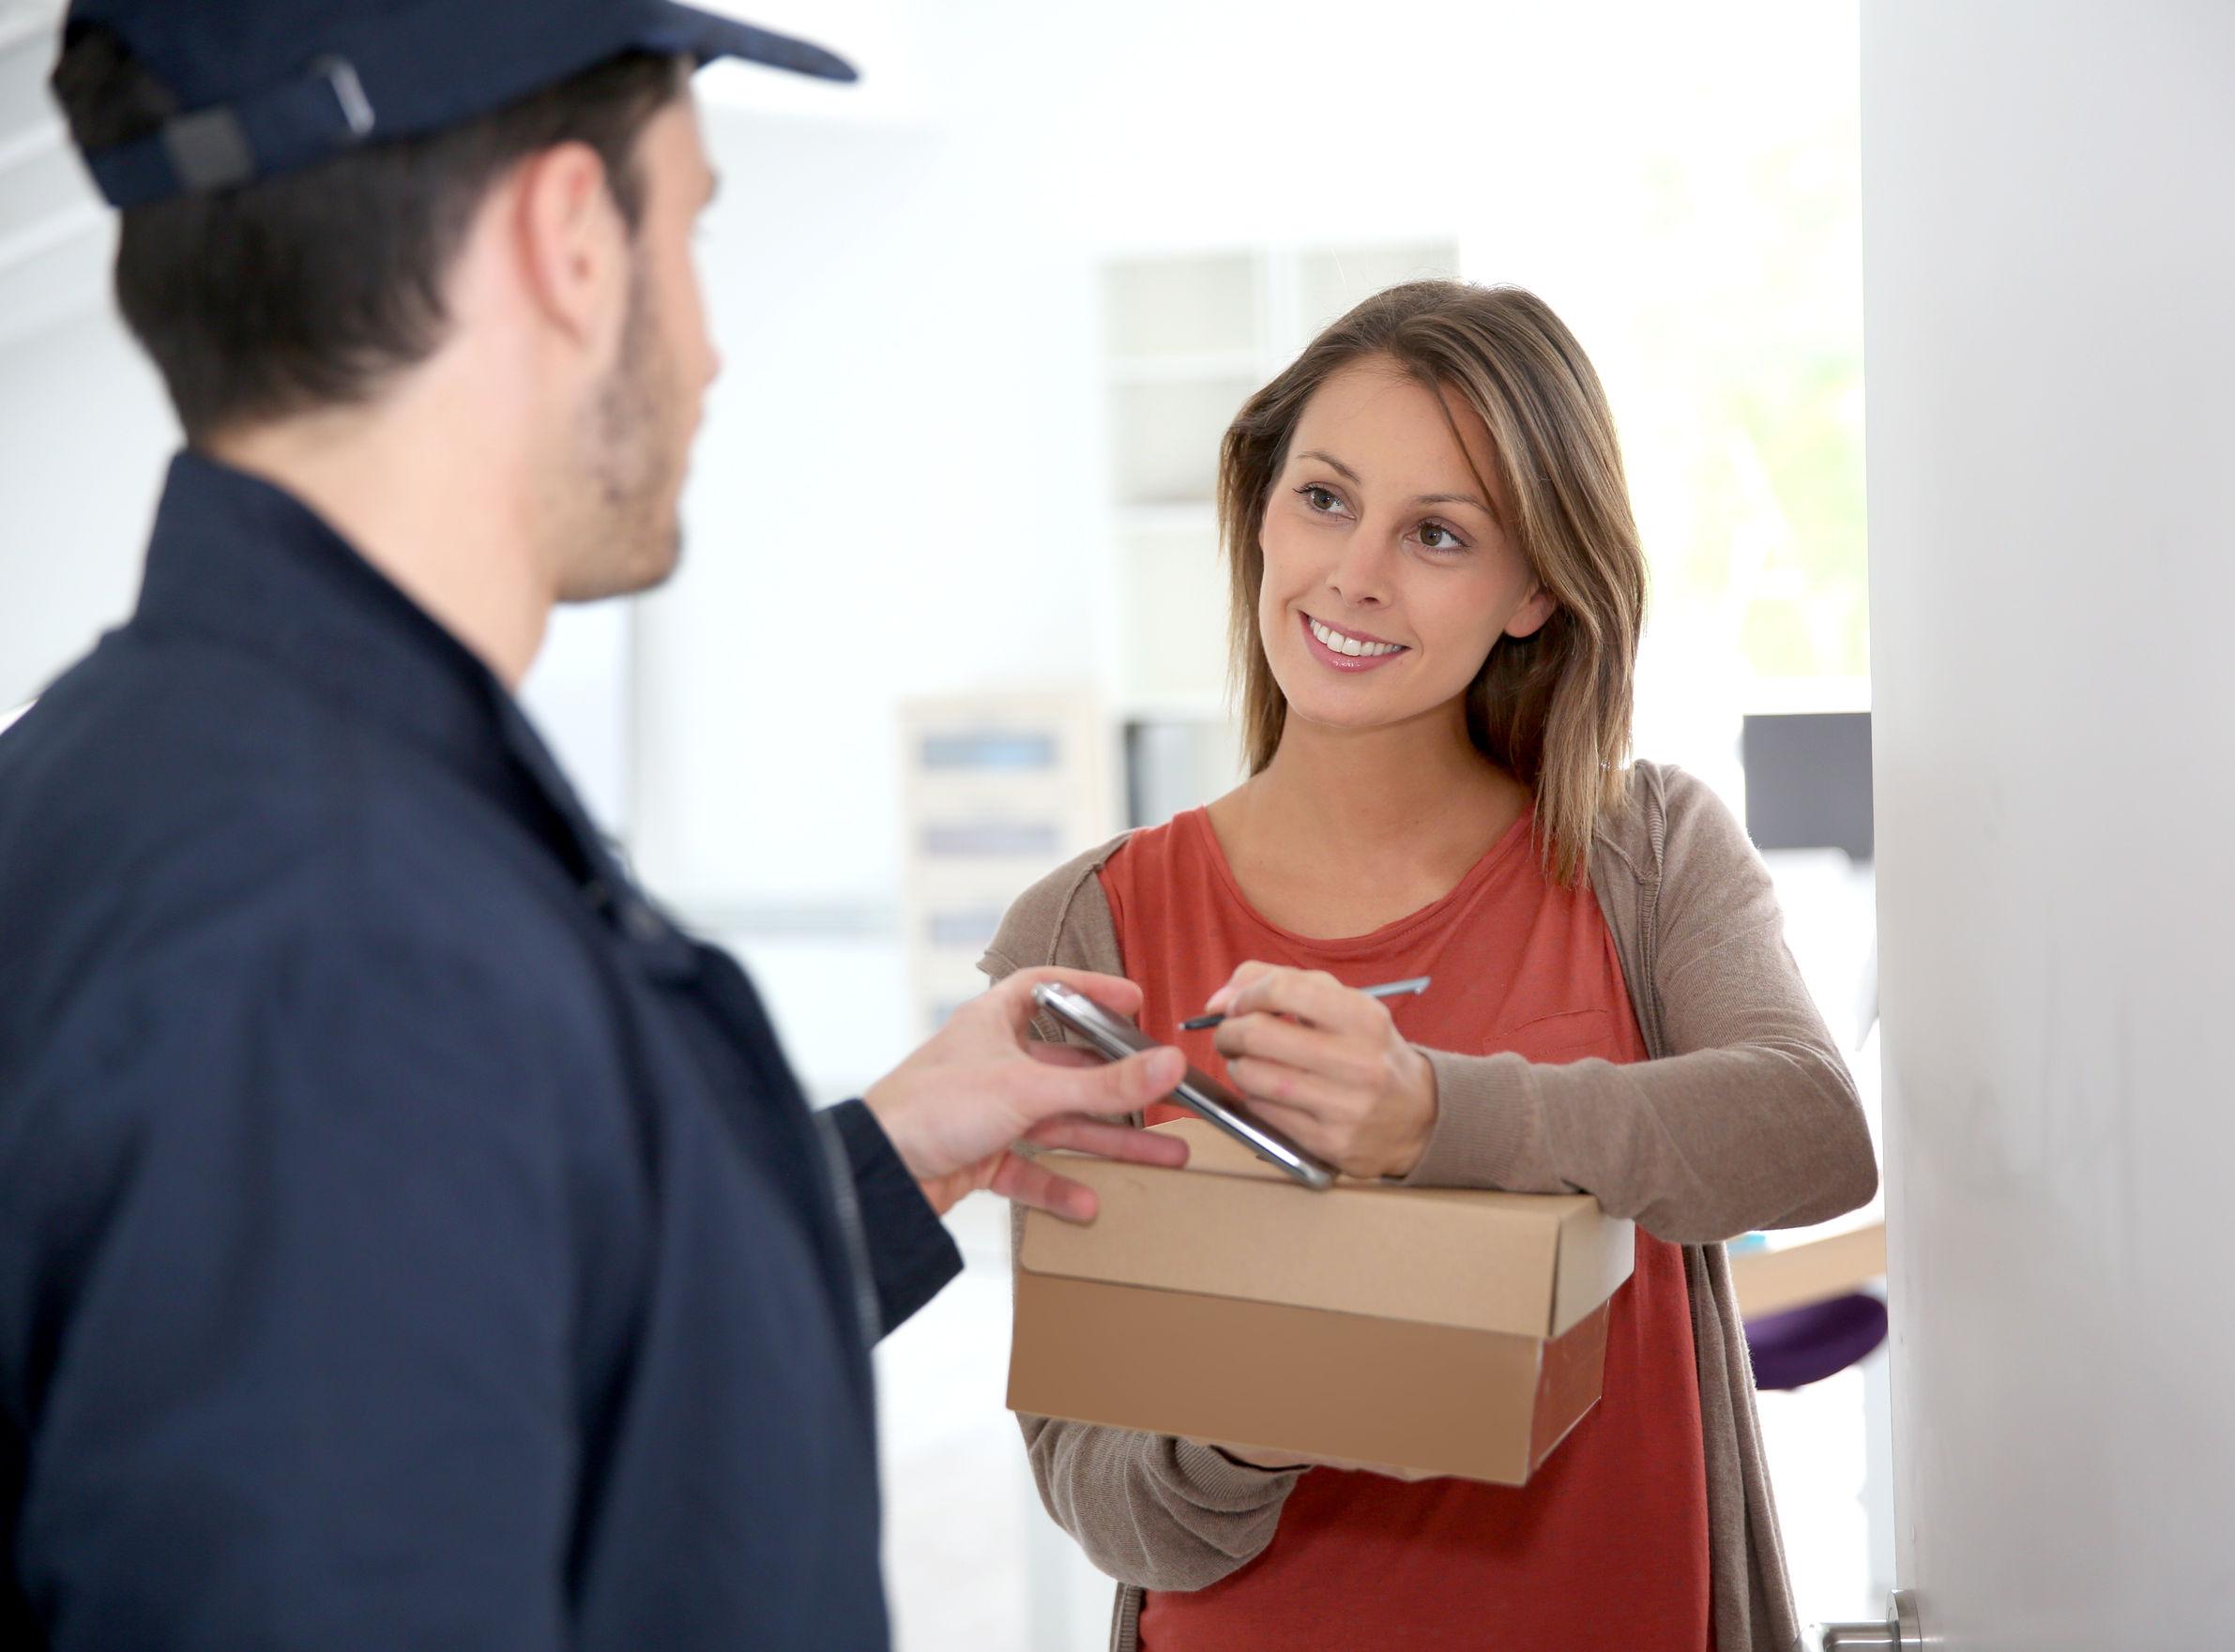 Eine Frau, die unterschreibt, dass sie ihr Paket erhalten hat.